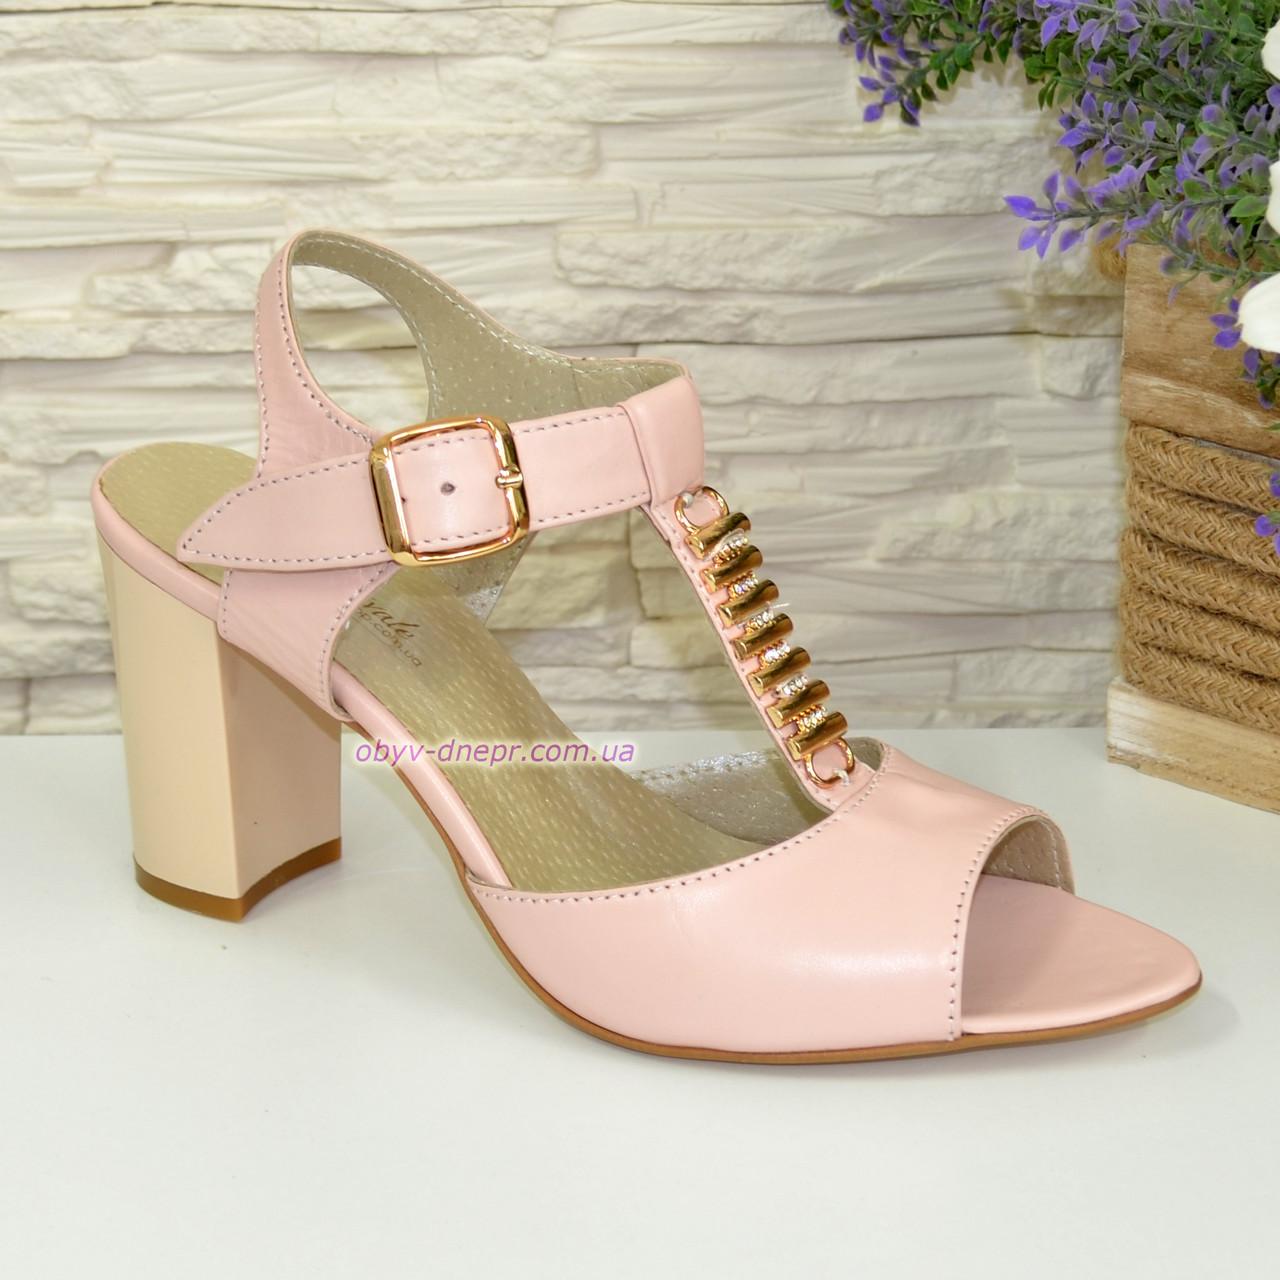 Женские кожаные классические босоножки на устойчивом каблуке, цвет пудра